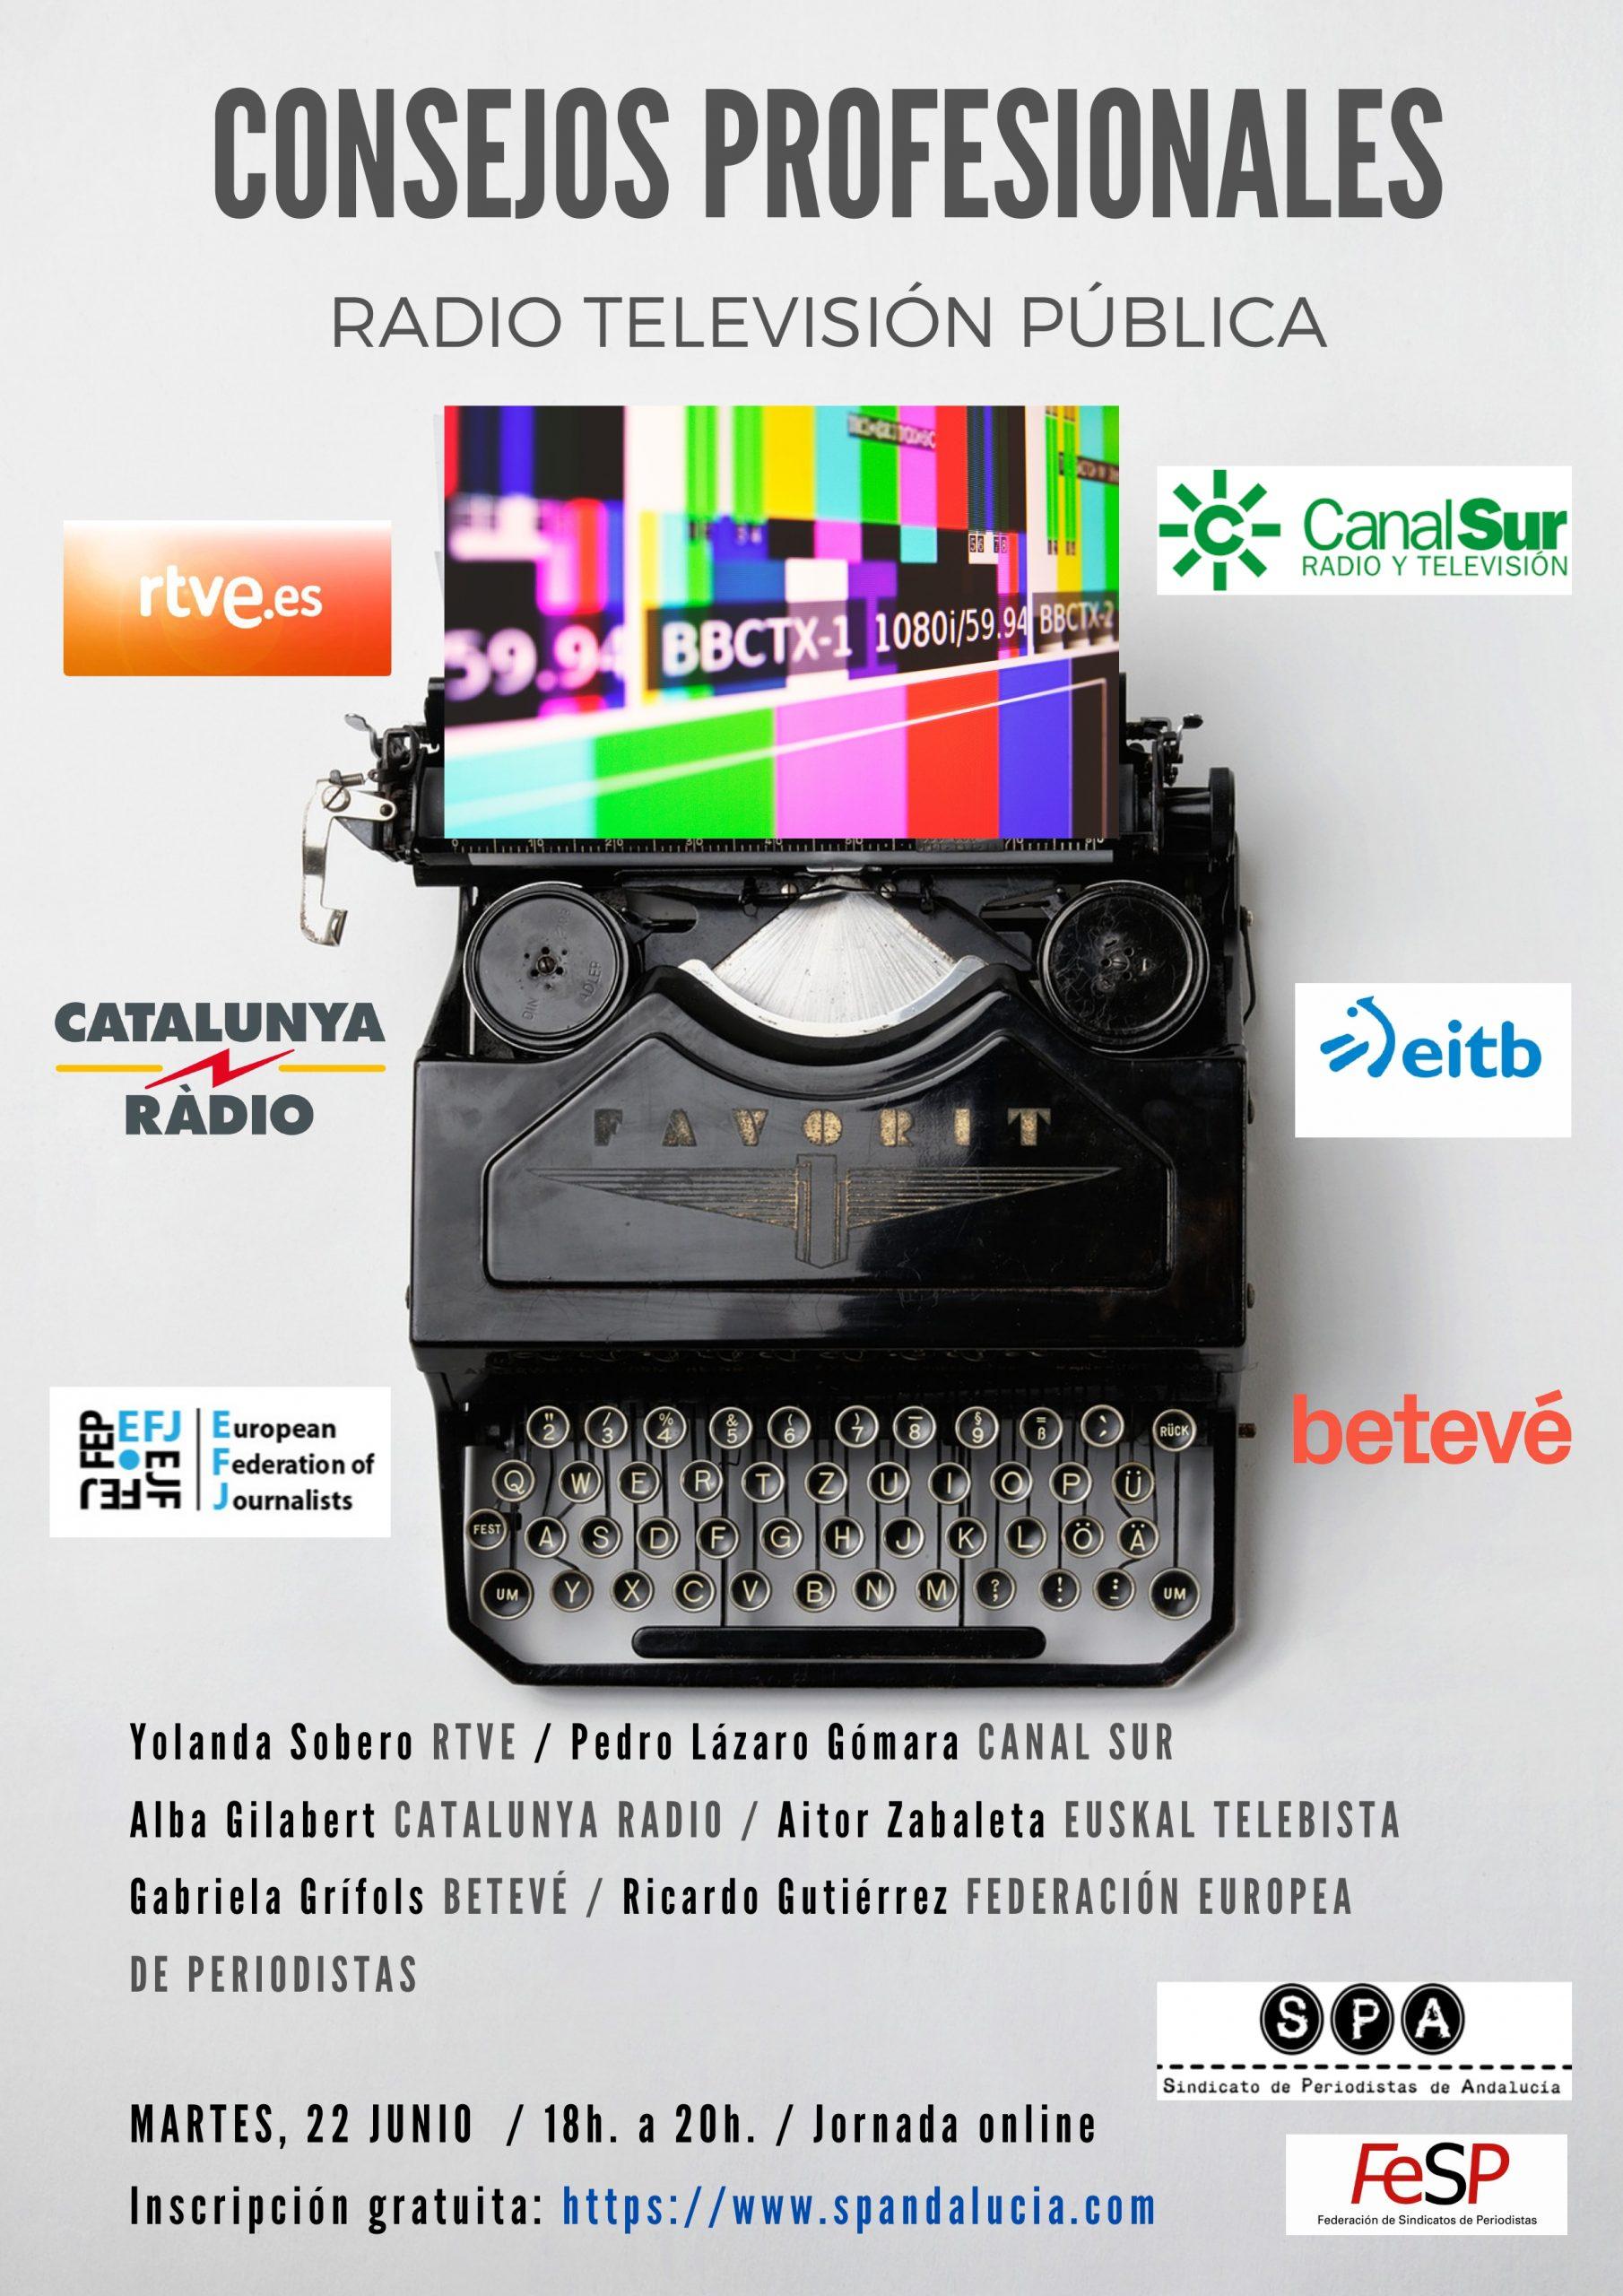 I Jornada (online) sobre Consejos Profesionales y Estatutos de Redacción en la Radio Televisión Pública